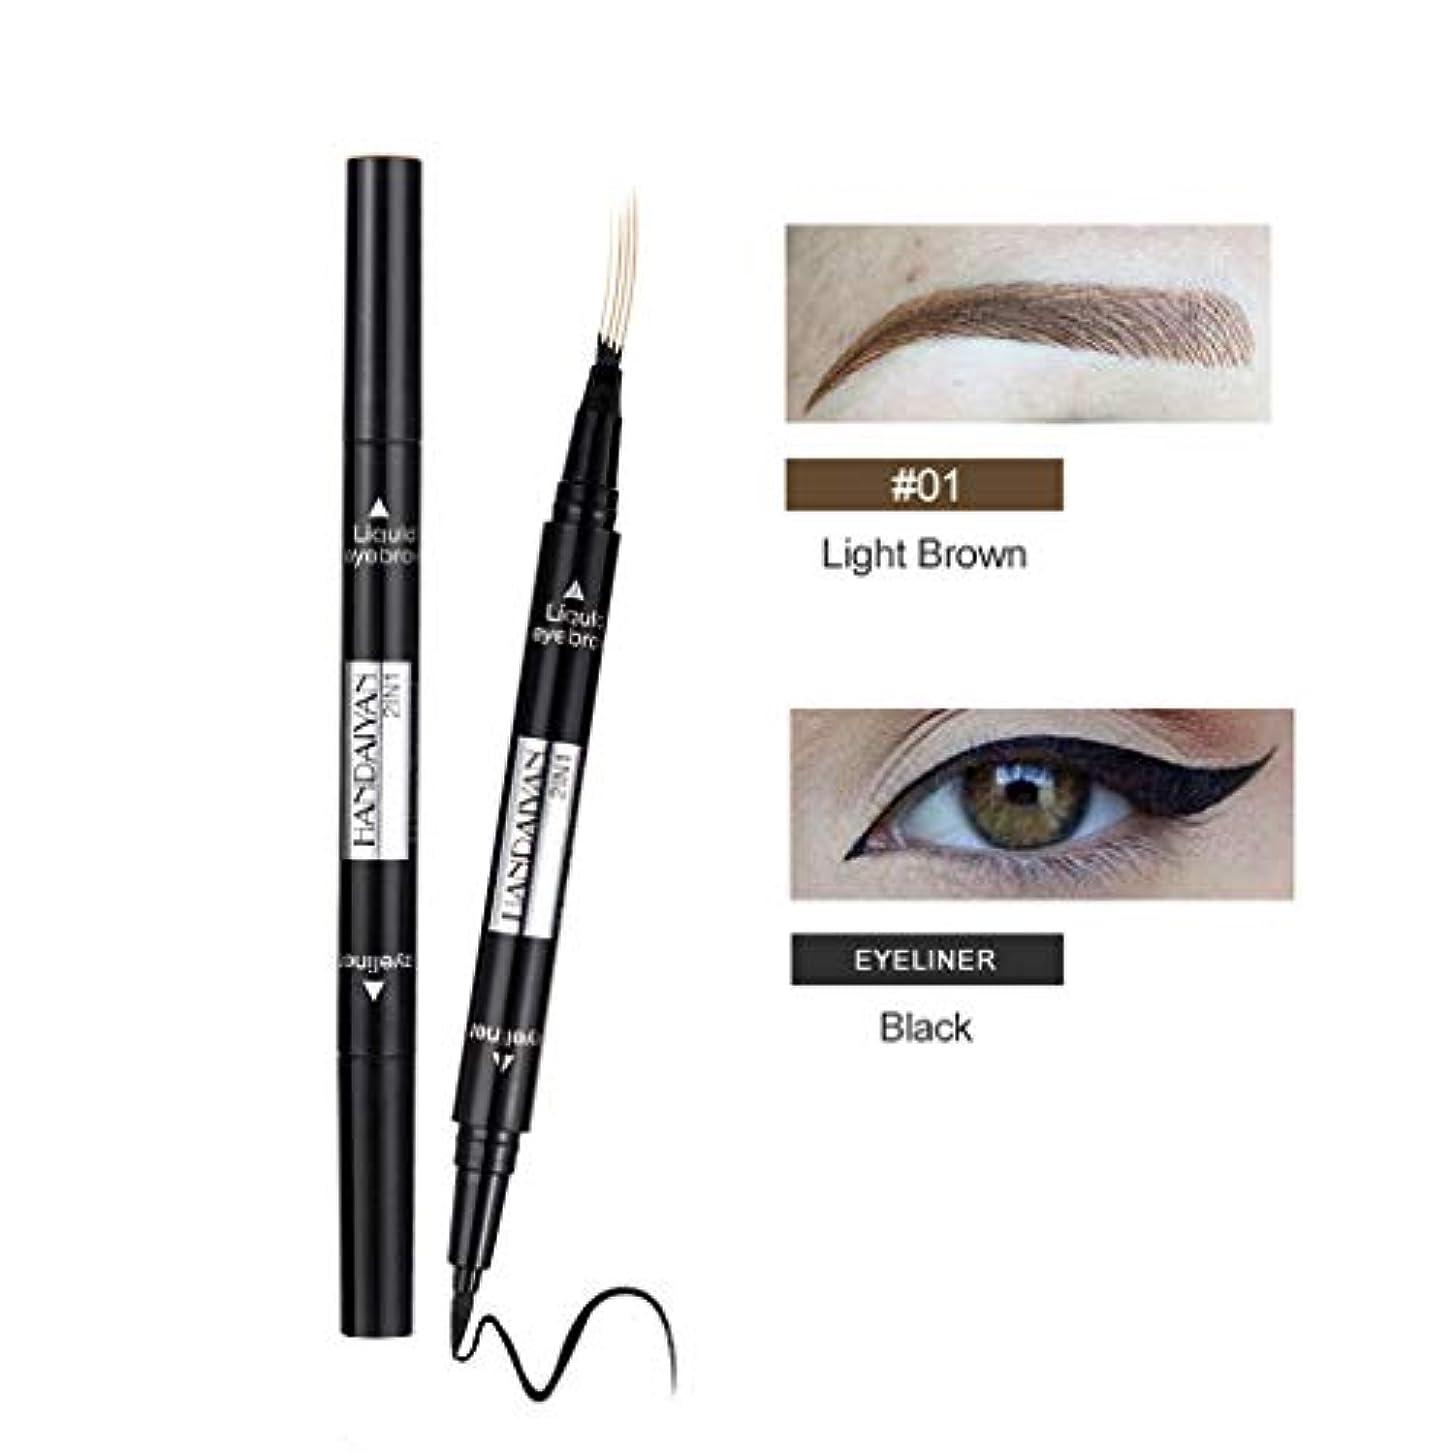 ハブブ冷淡なソース眉毛の入れ墨のペンの防水フォークの先端のスケッチの化粧ペンのMicrobladingインクスケッチ